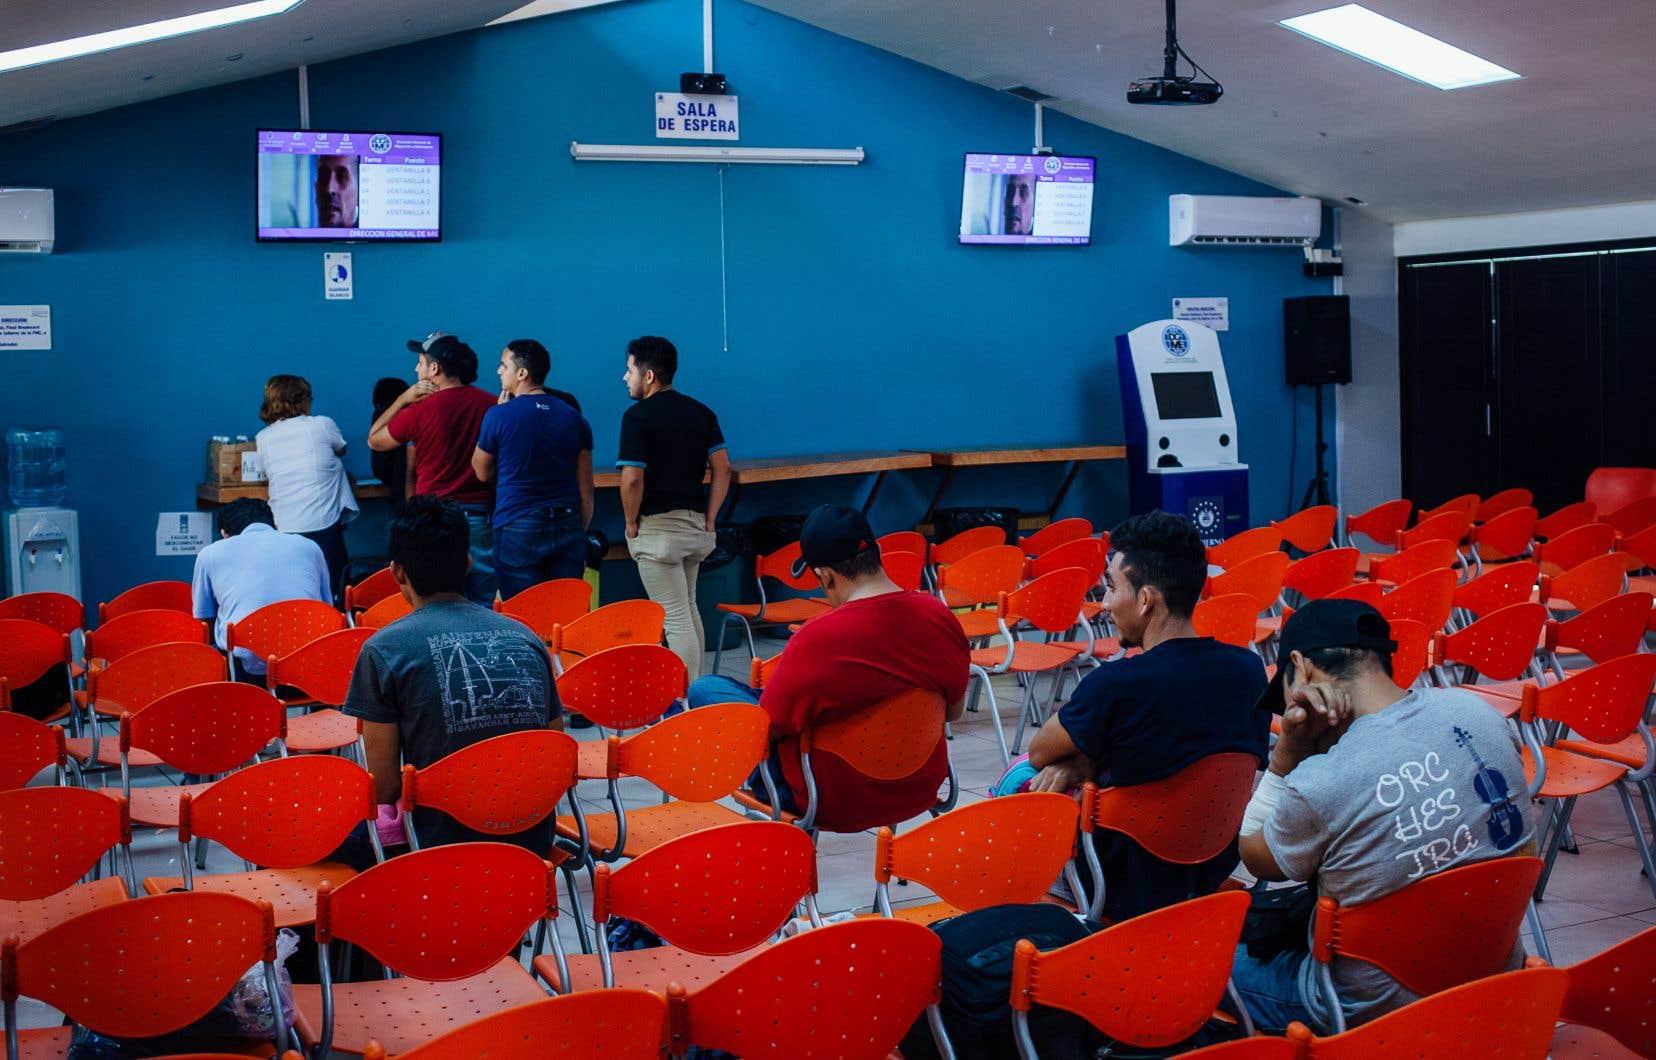 Une grande salle attend les déportés qui débarquent, jouxtée de cubicules où chacun est soumis à une brève entrevue qui se résume, nous dira l'un d'entre eux, à des questions générales — date de naissance, domicile,etc.